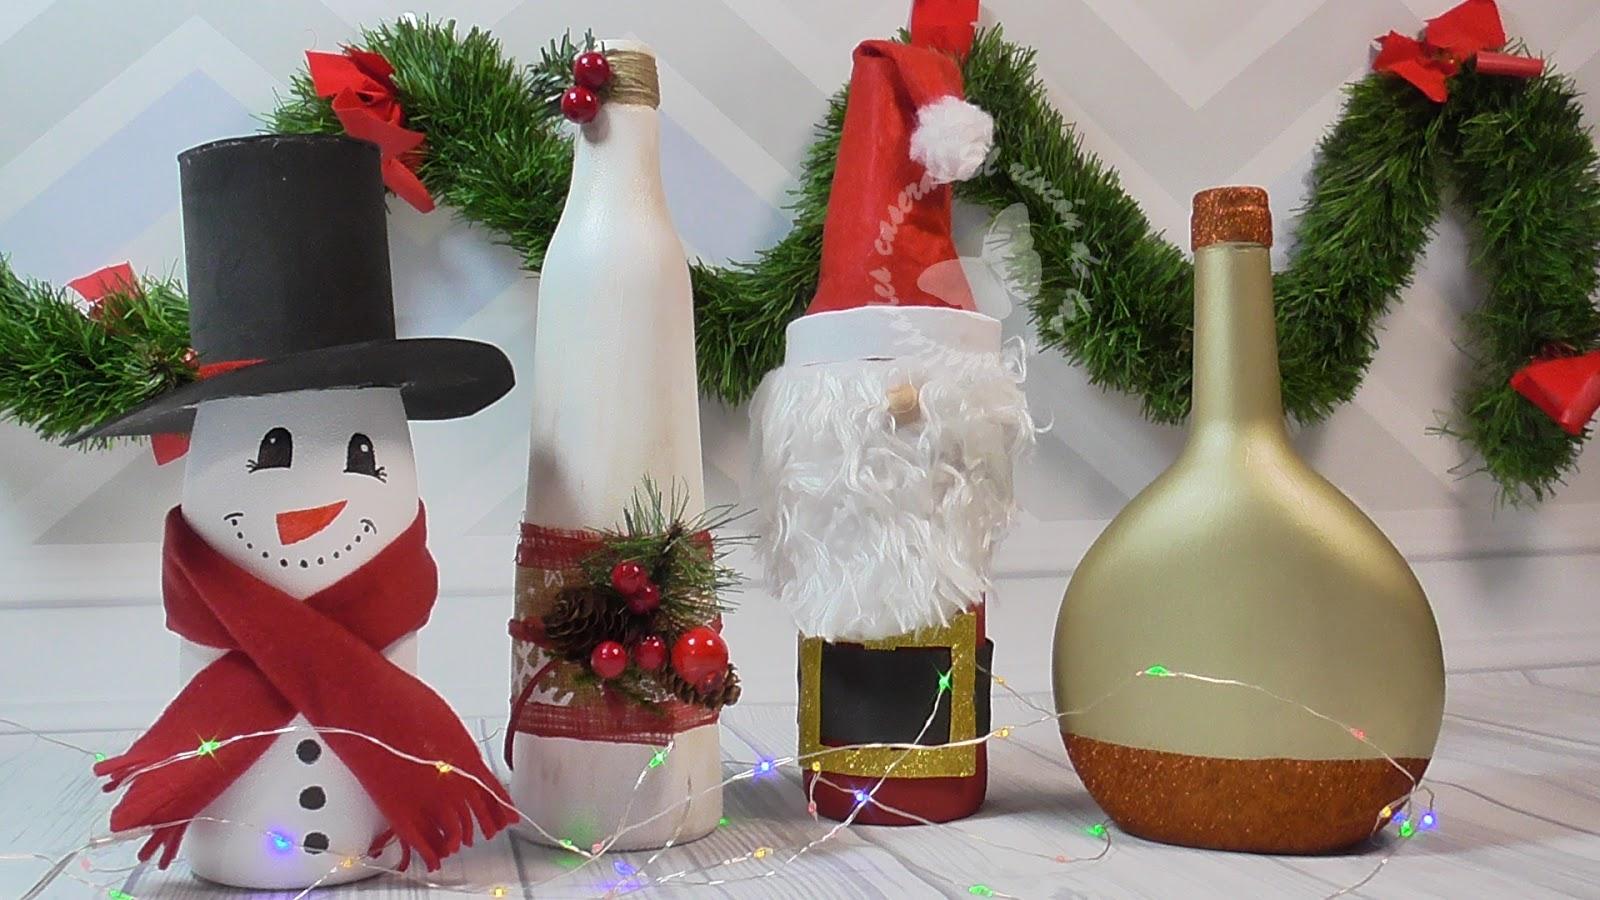 Adornos navidenos con botellas de vidrio recicladas for Adornos navidenos reciclados botellas